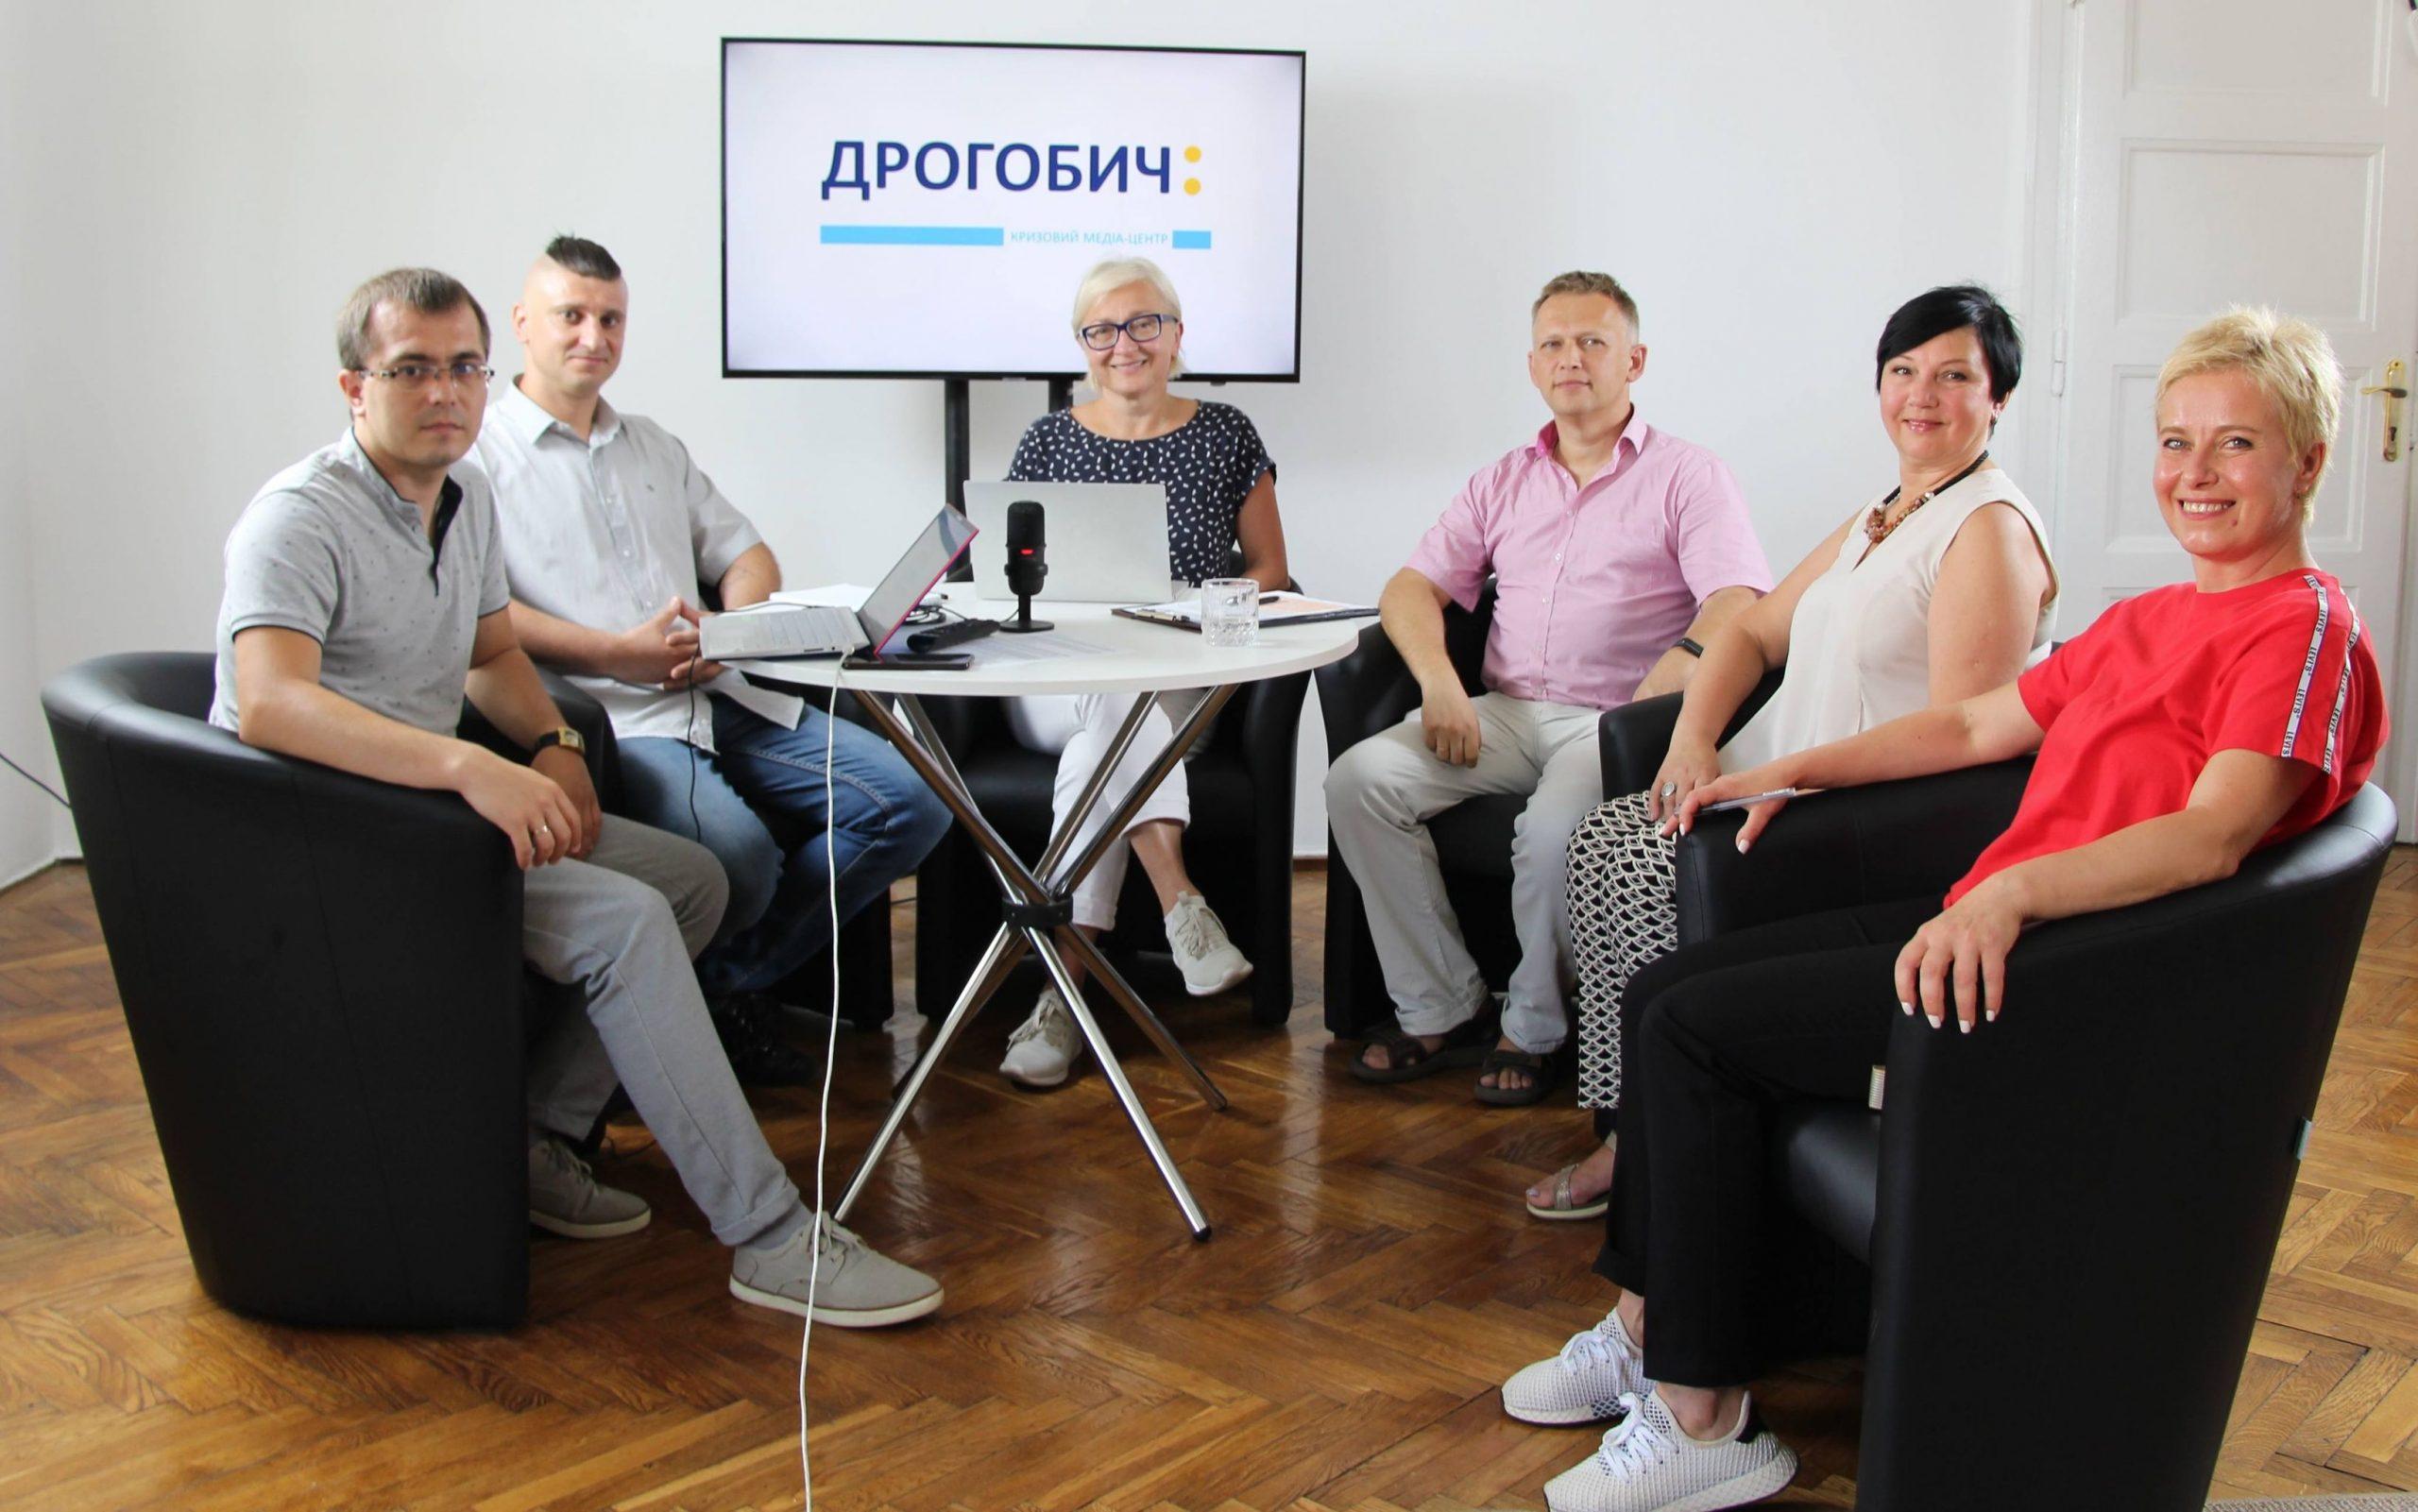 """МЦ """"Дрогобич:"""". У Дрогобицькій громаді реалізовують проєкт """"Діємо для здоров'я"""""""